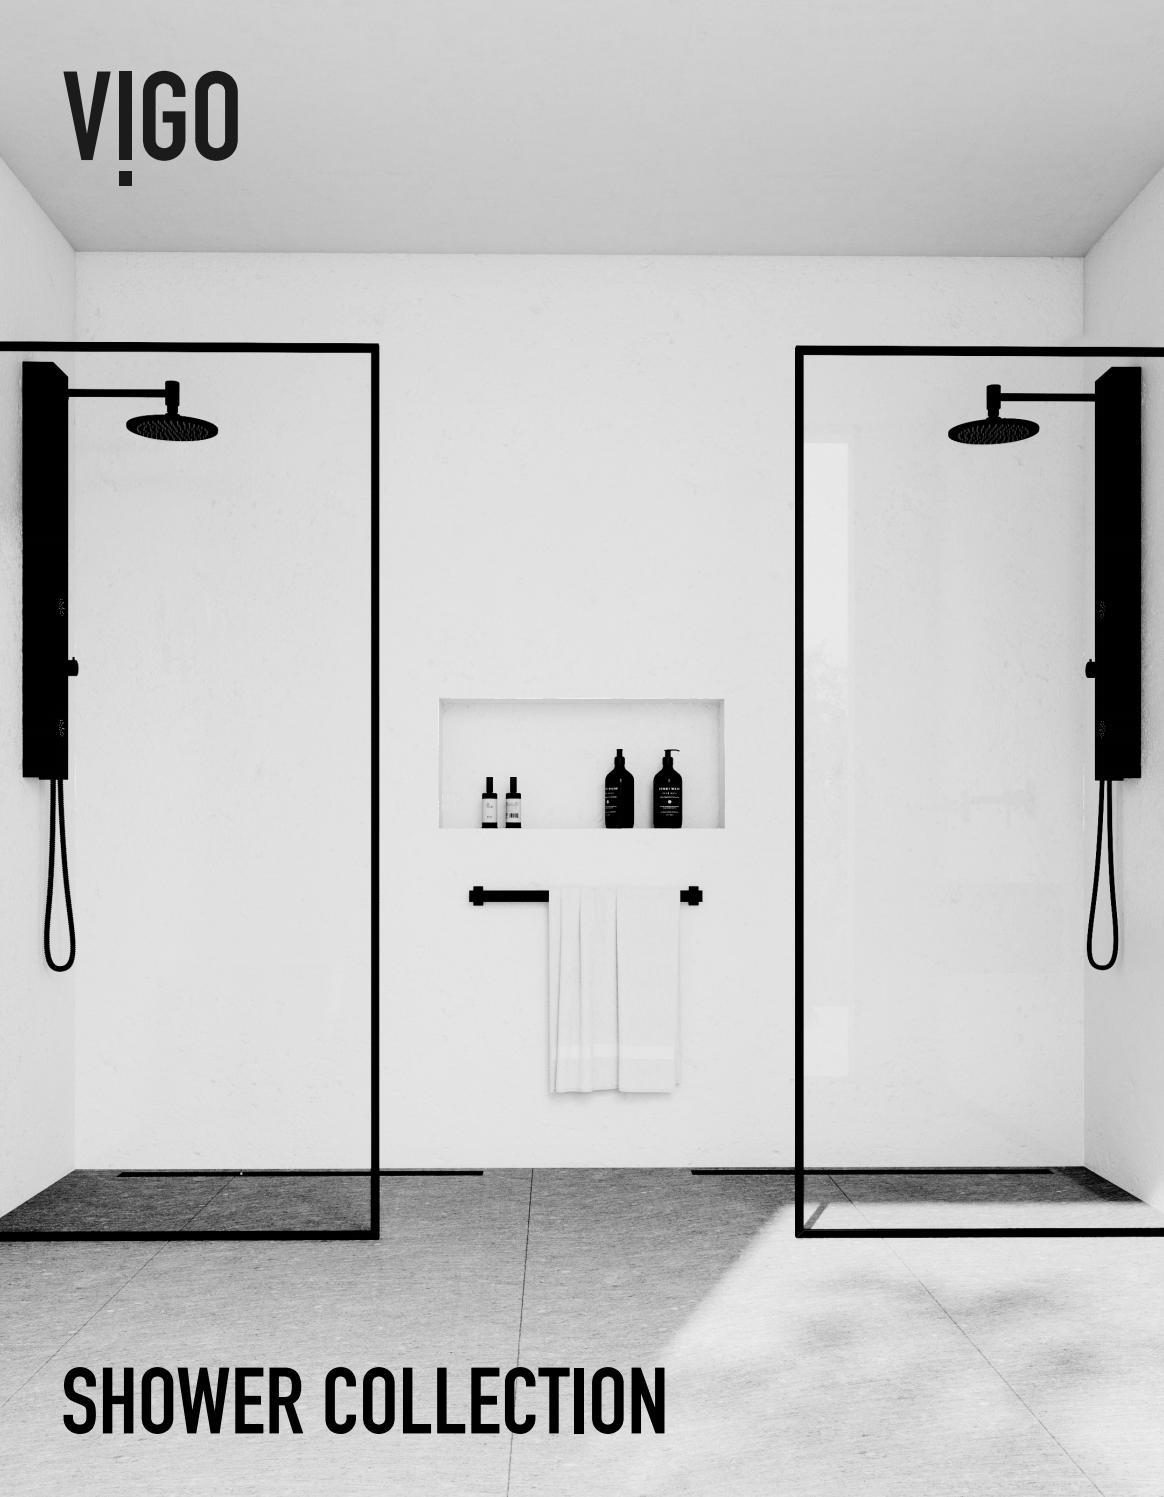 Vigo 2019 Shower Collection By Vigo Issuu